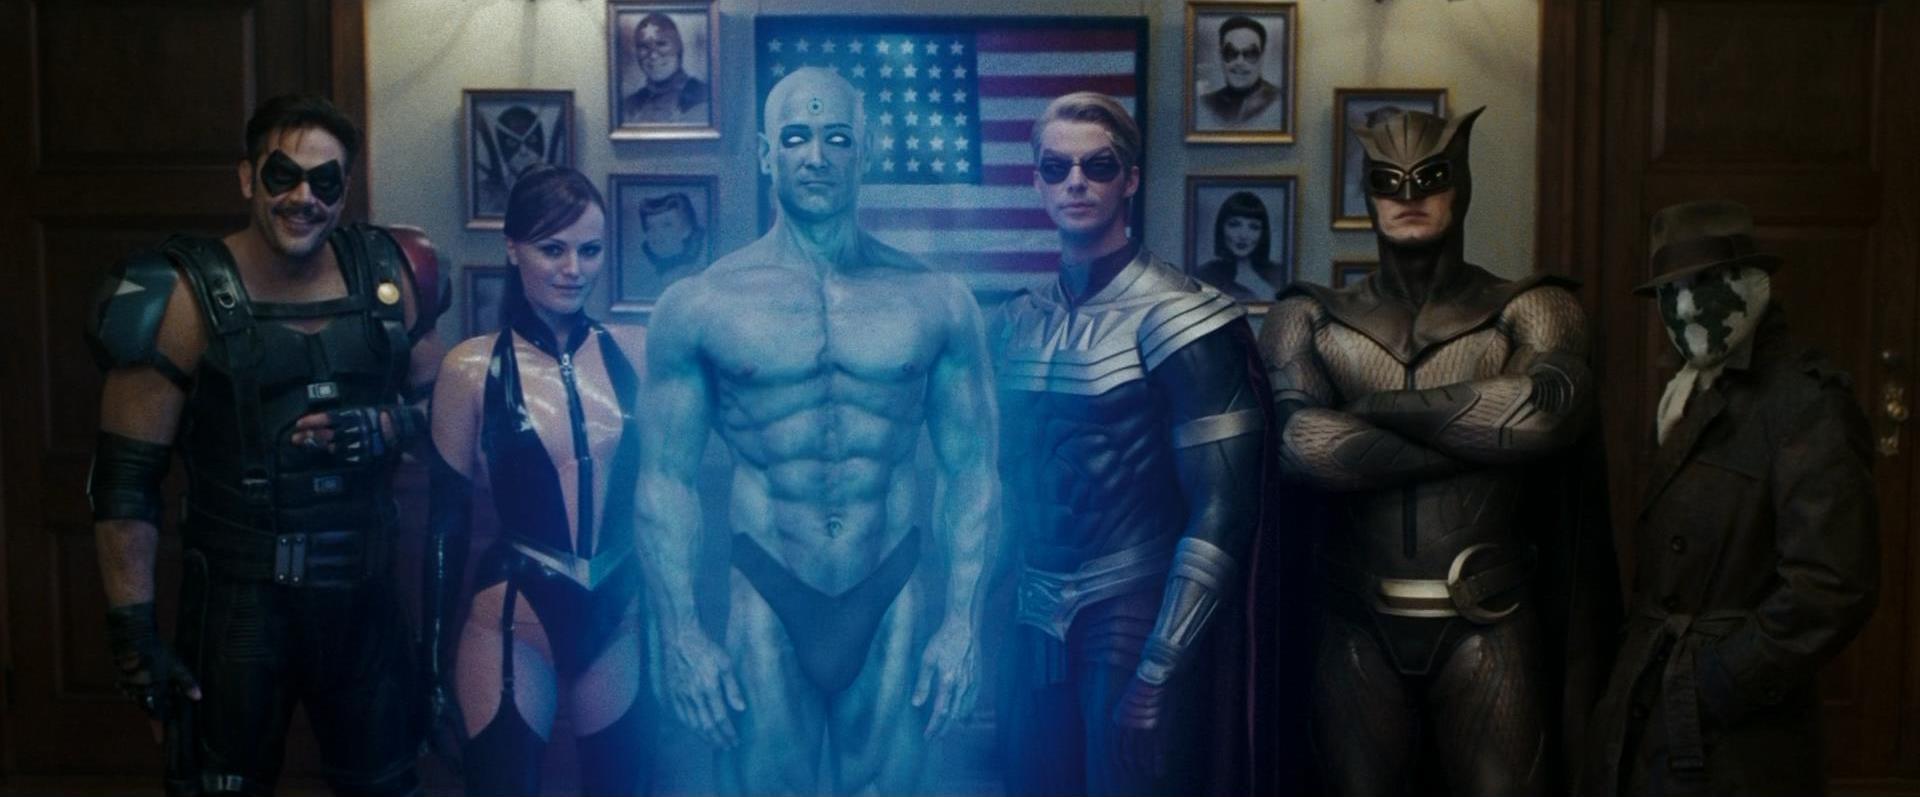 Игры и фильмы по комиксам: Watchmen. - Изображение 1